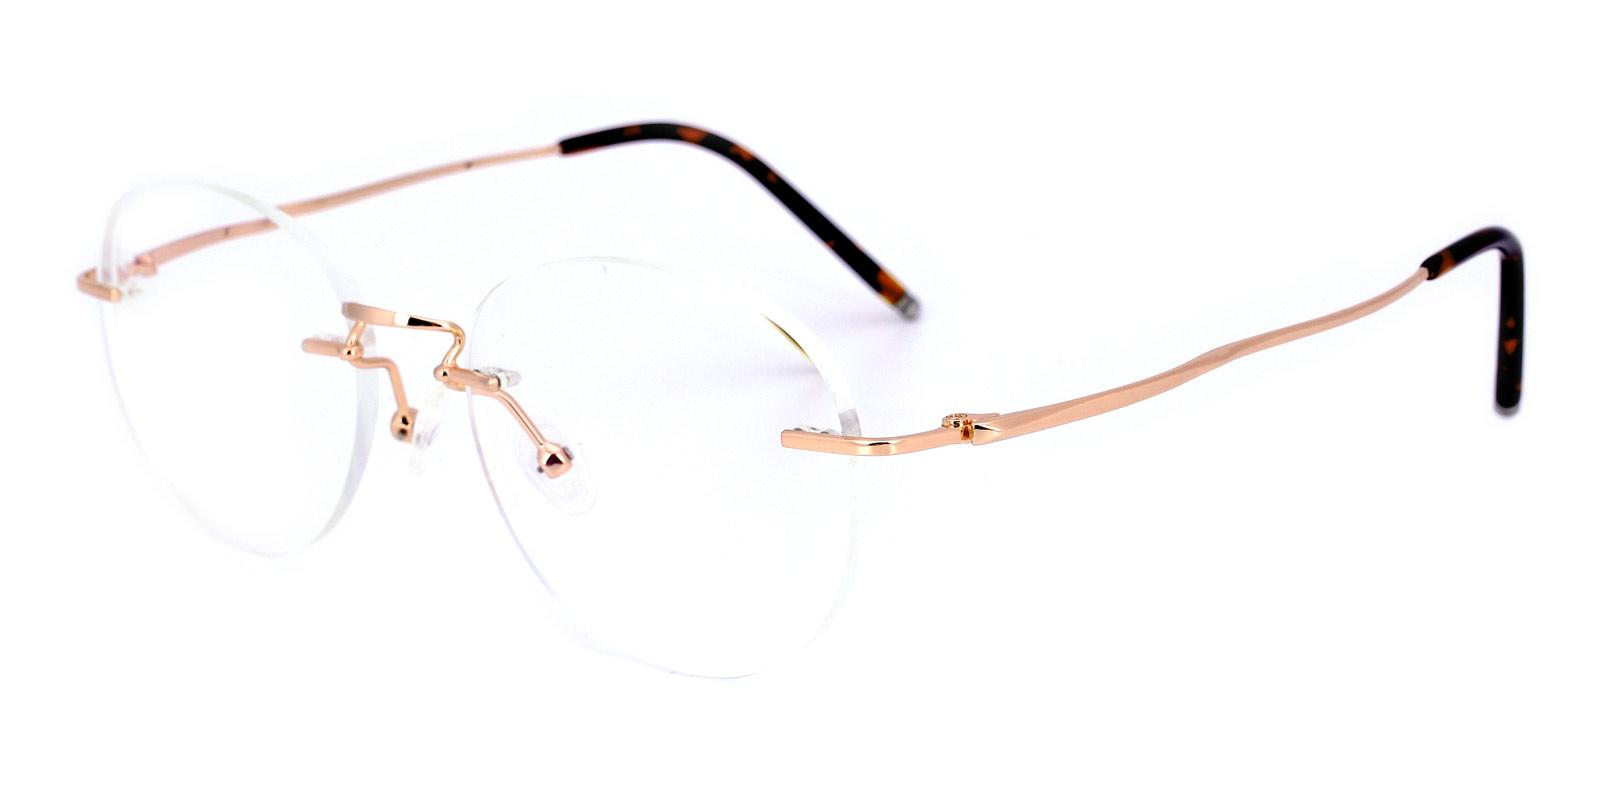 Pandimo-Gold-Oval-Titanium-Eyeglasses-detail